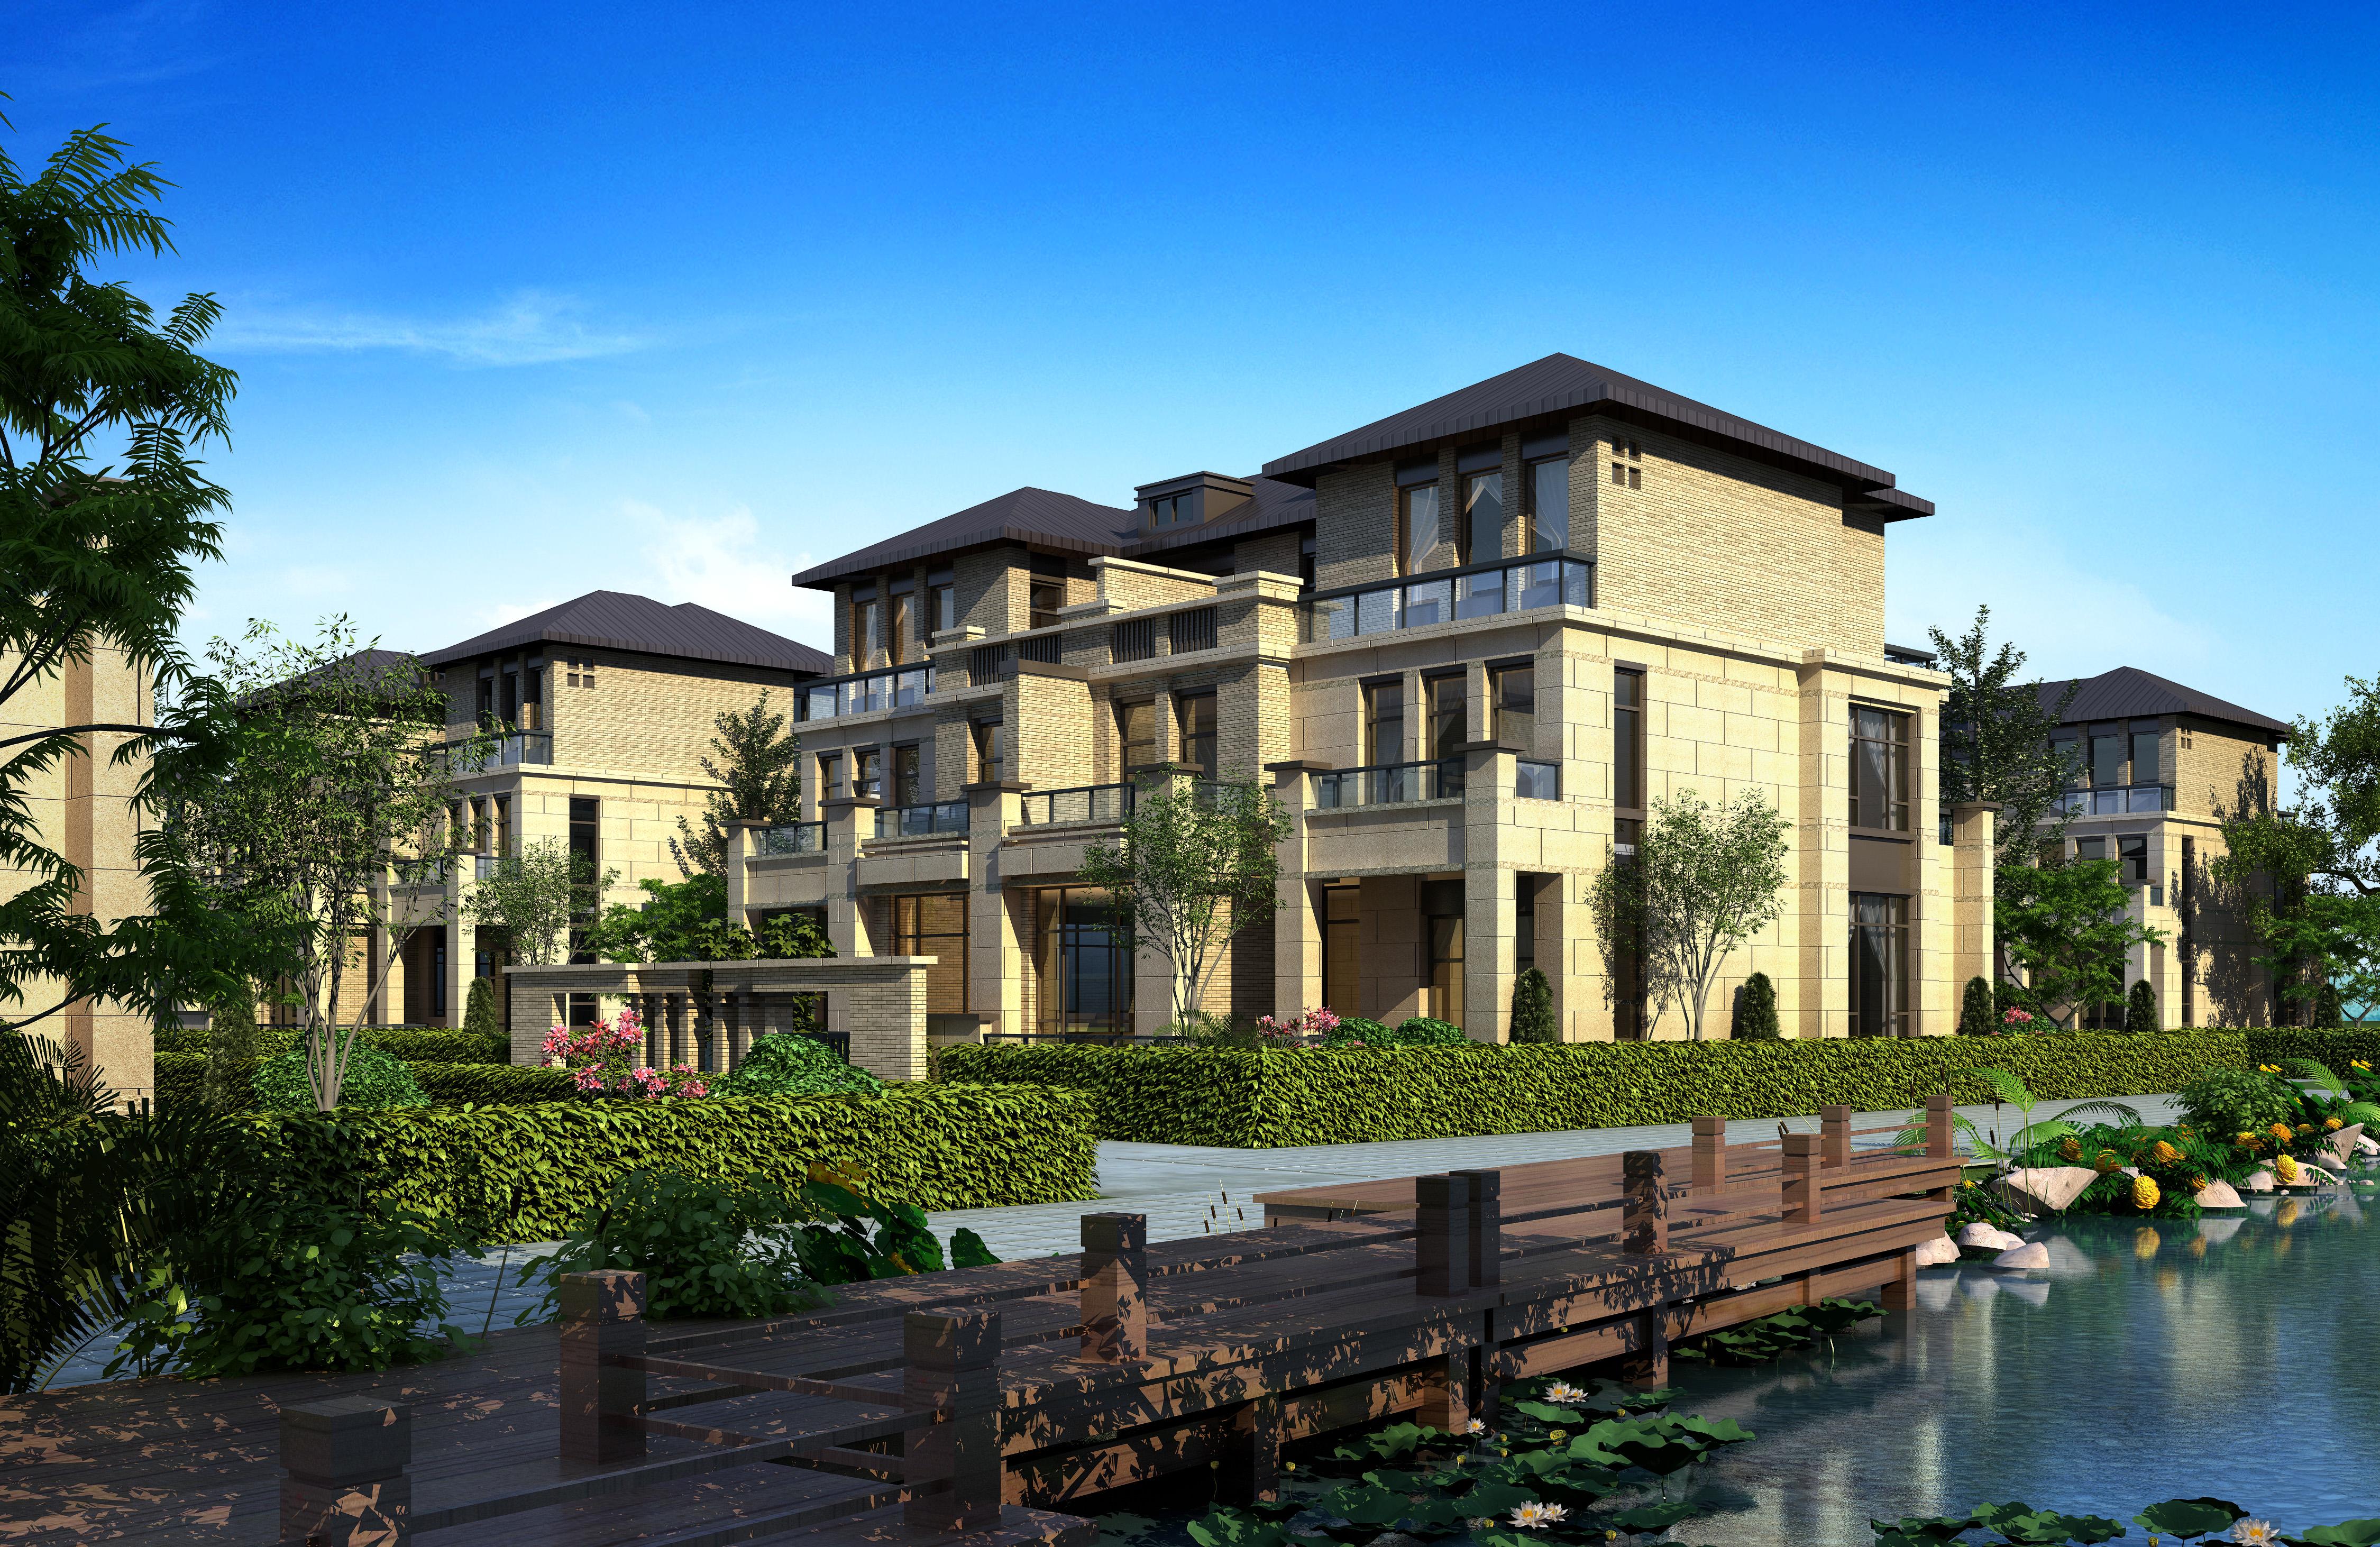 3d villa 027 3d model max for Villas 3d model